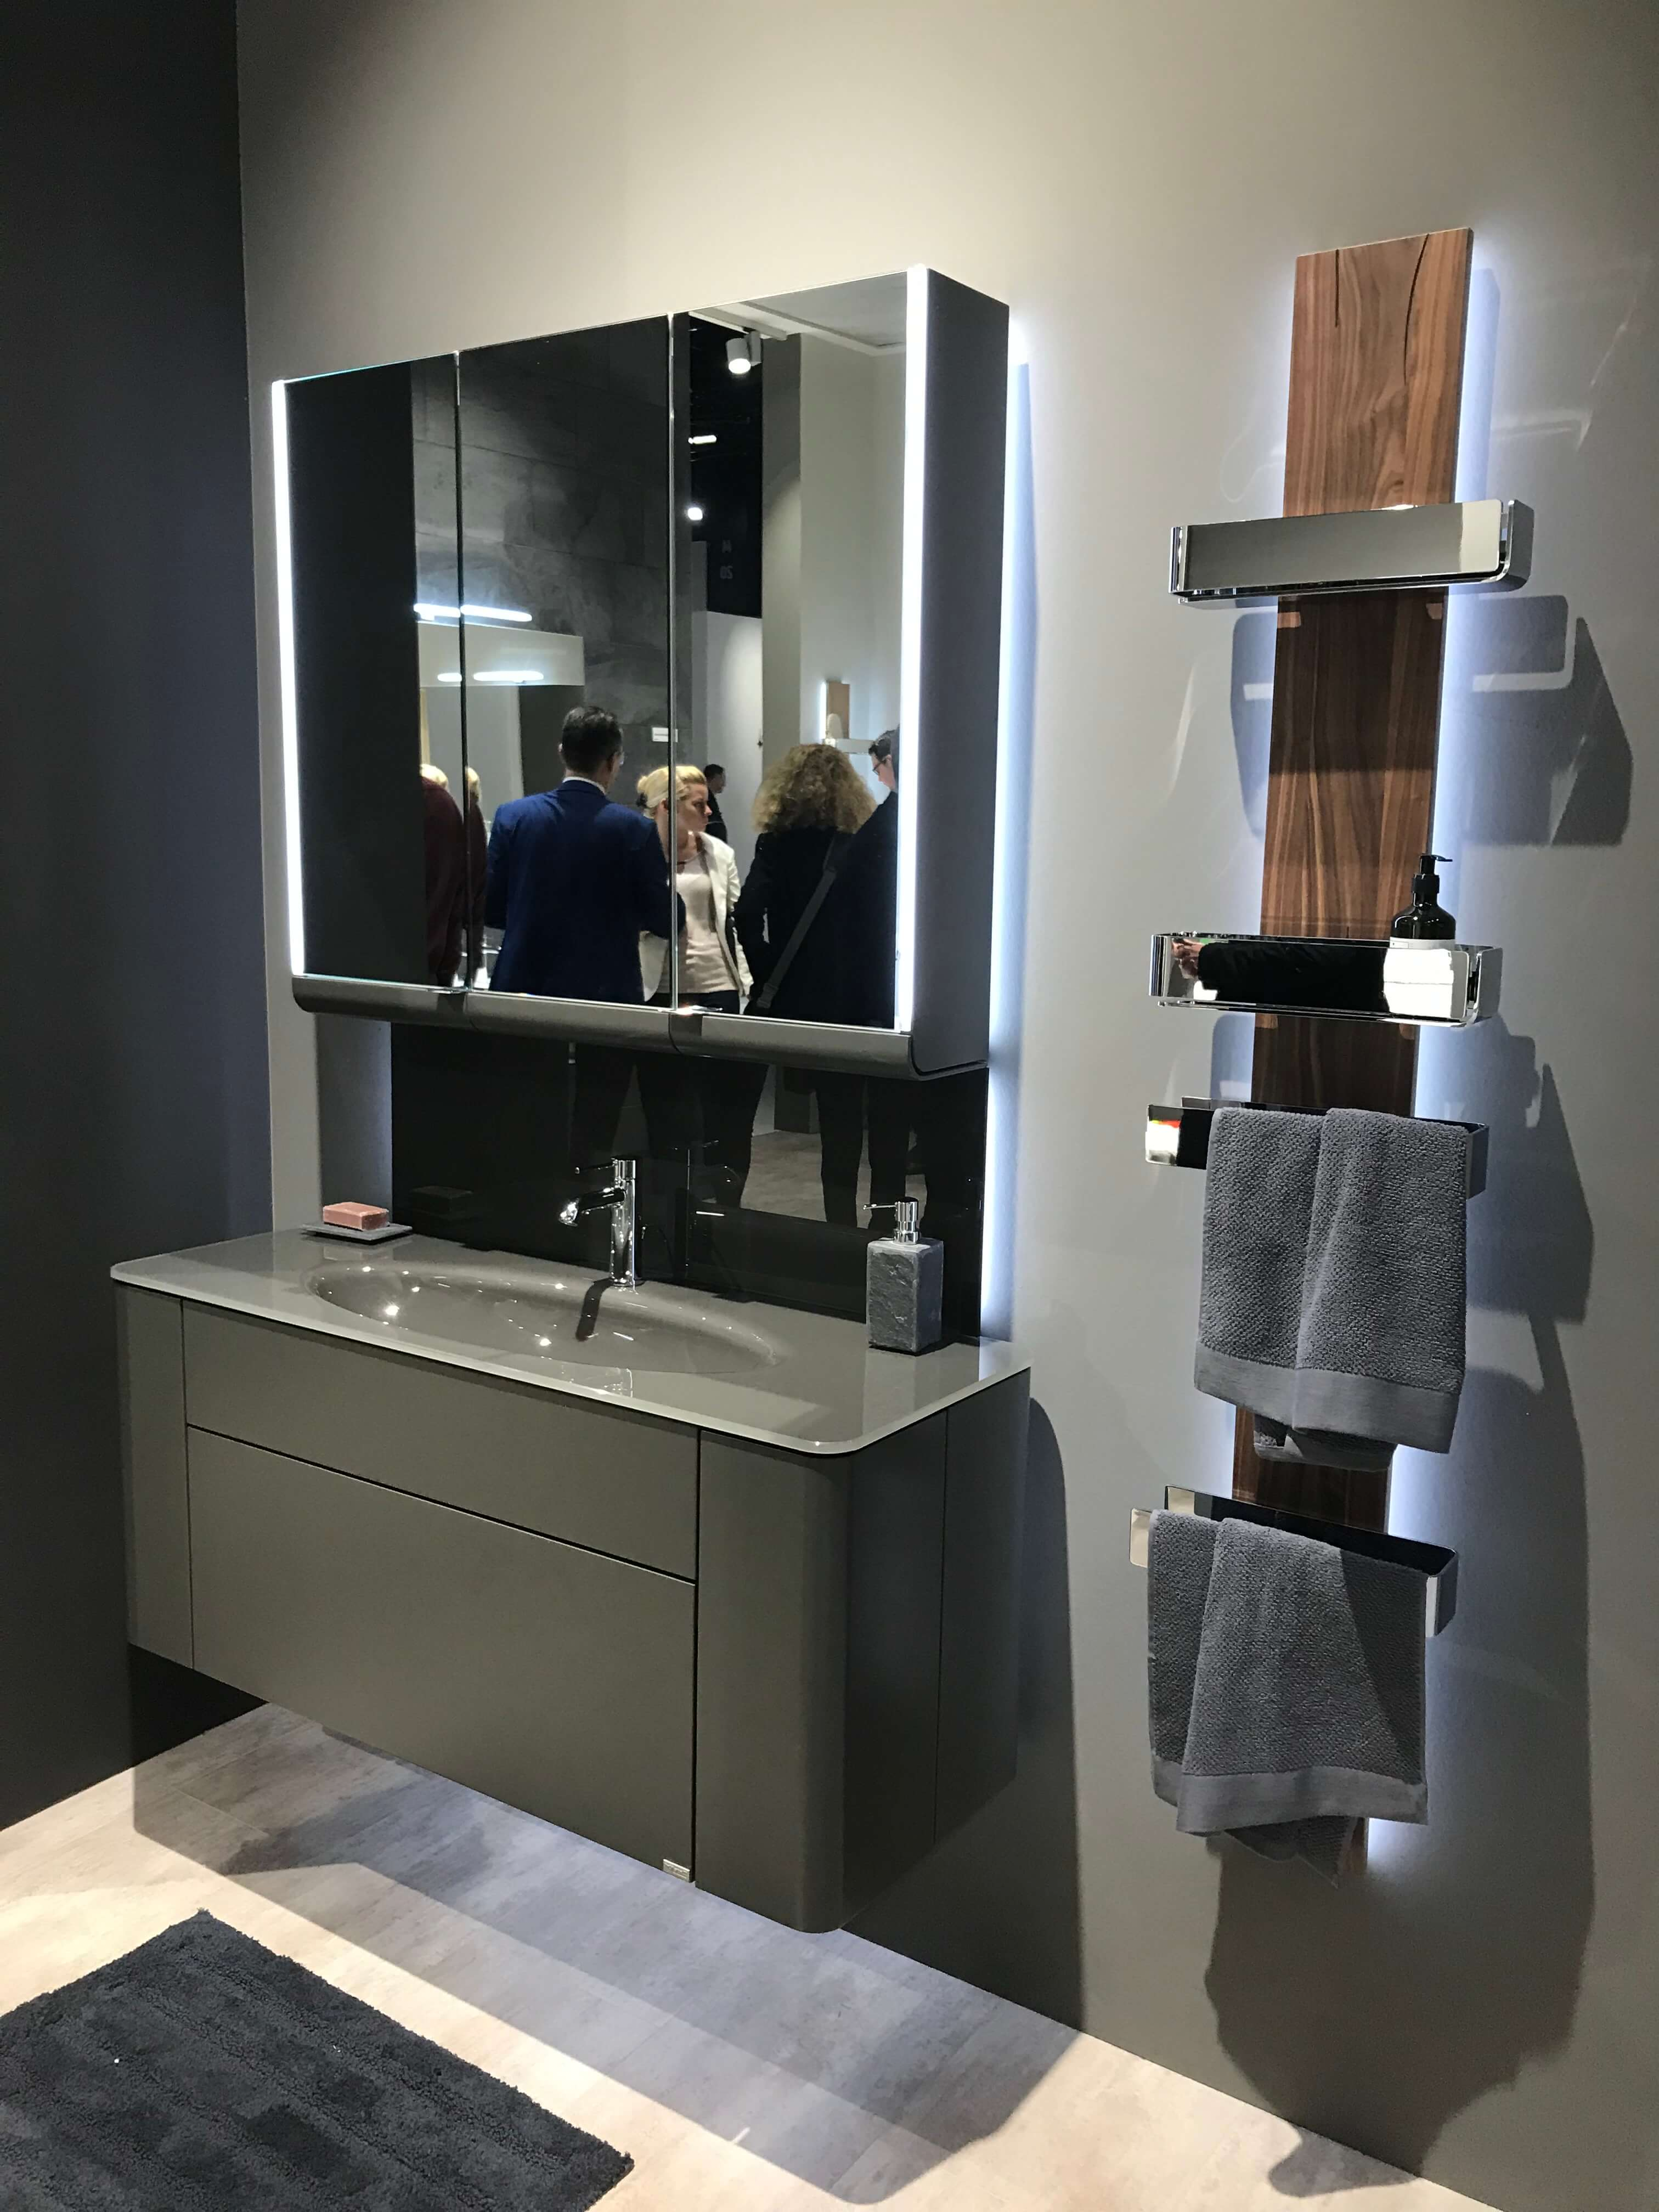 3c87013d2ff9 Hülsta Designmöbel jetzt auch für das Badezimmer Die bekannten Möbellinien  Tetrim und Gentis können jetzt auch